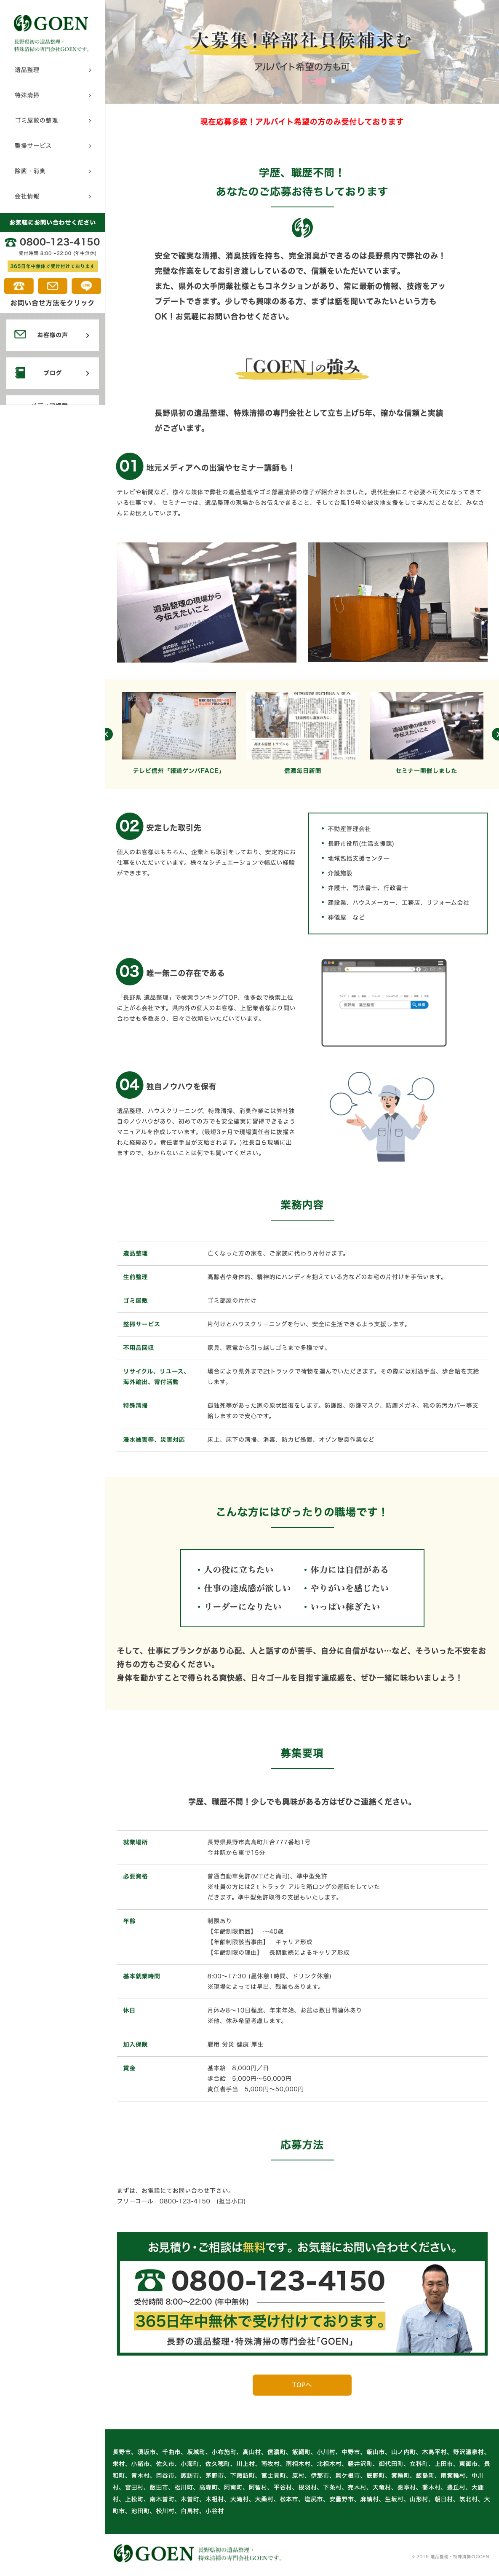 株式会社GOEN 採用ページpcイメージ